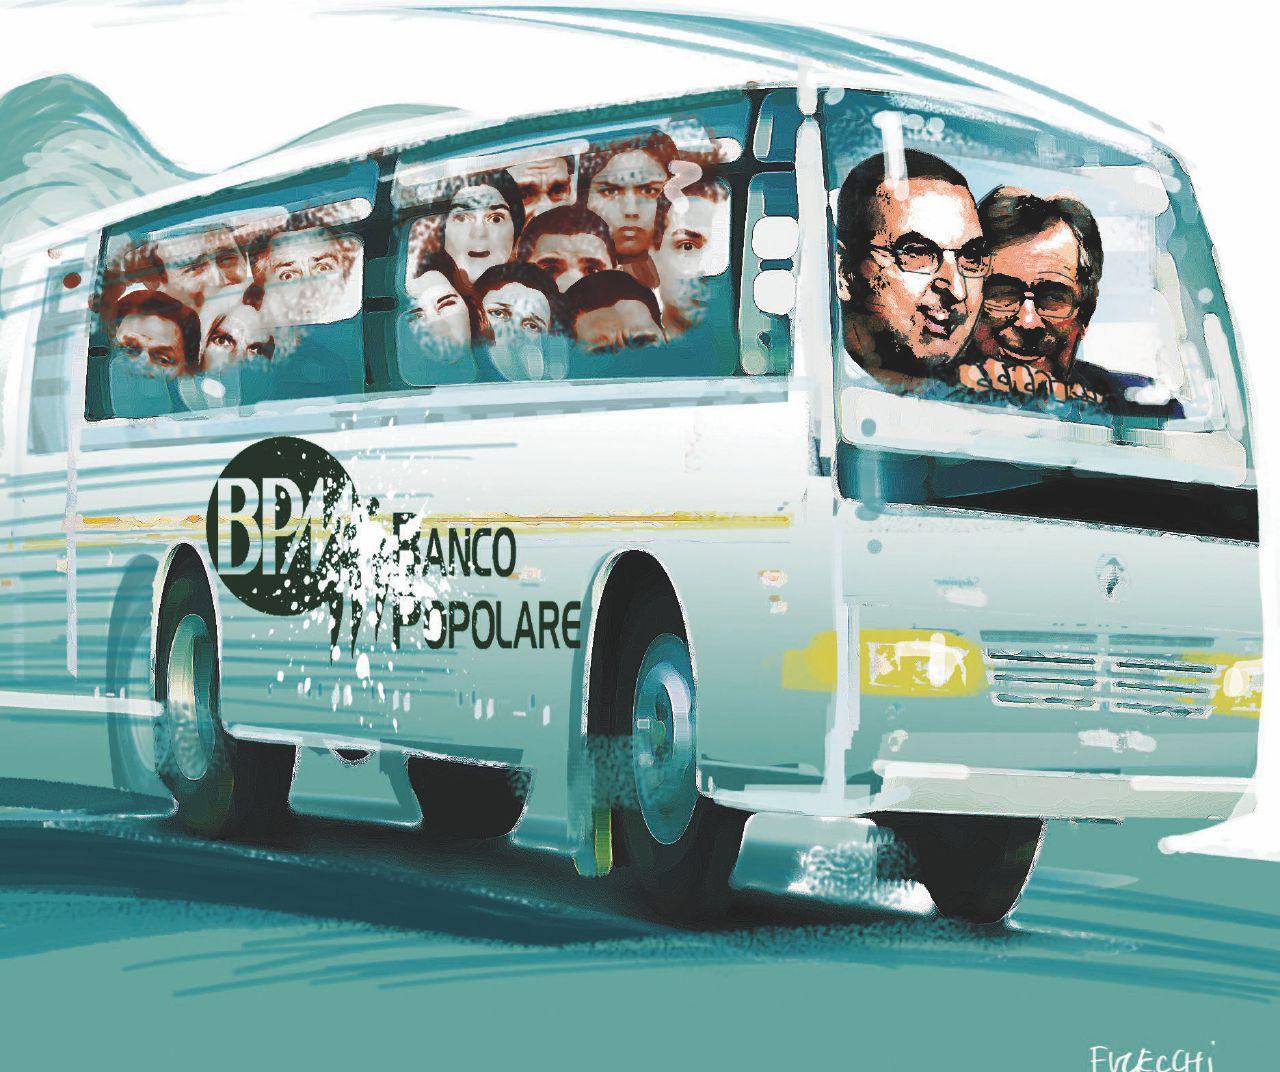 Bpm-Banco di Verona viaggi pagati ai soci per dire sì alla fusione